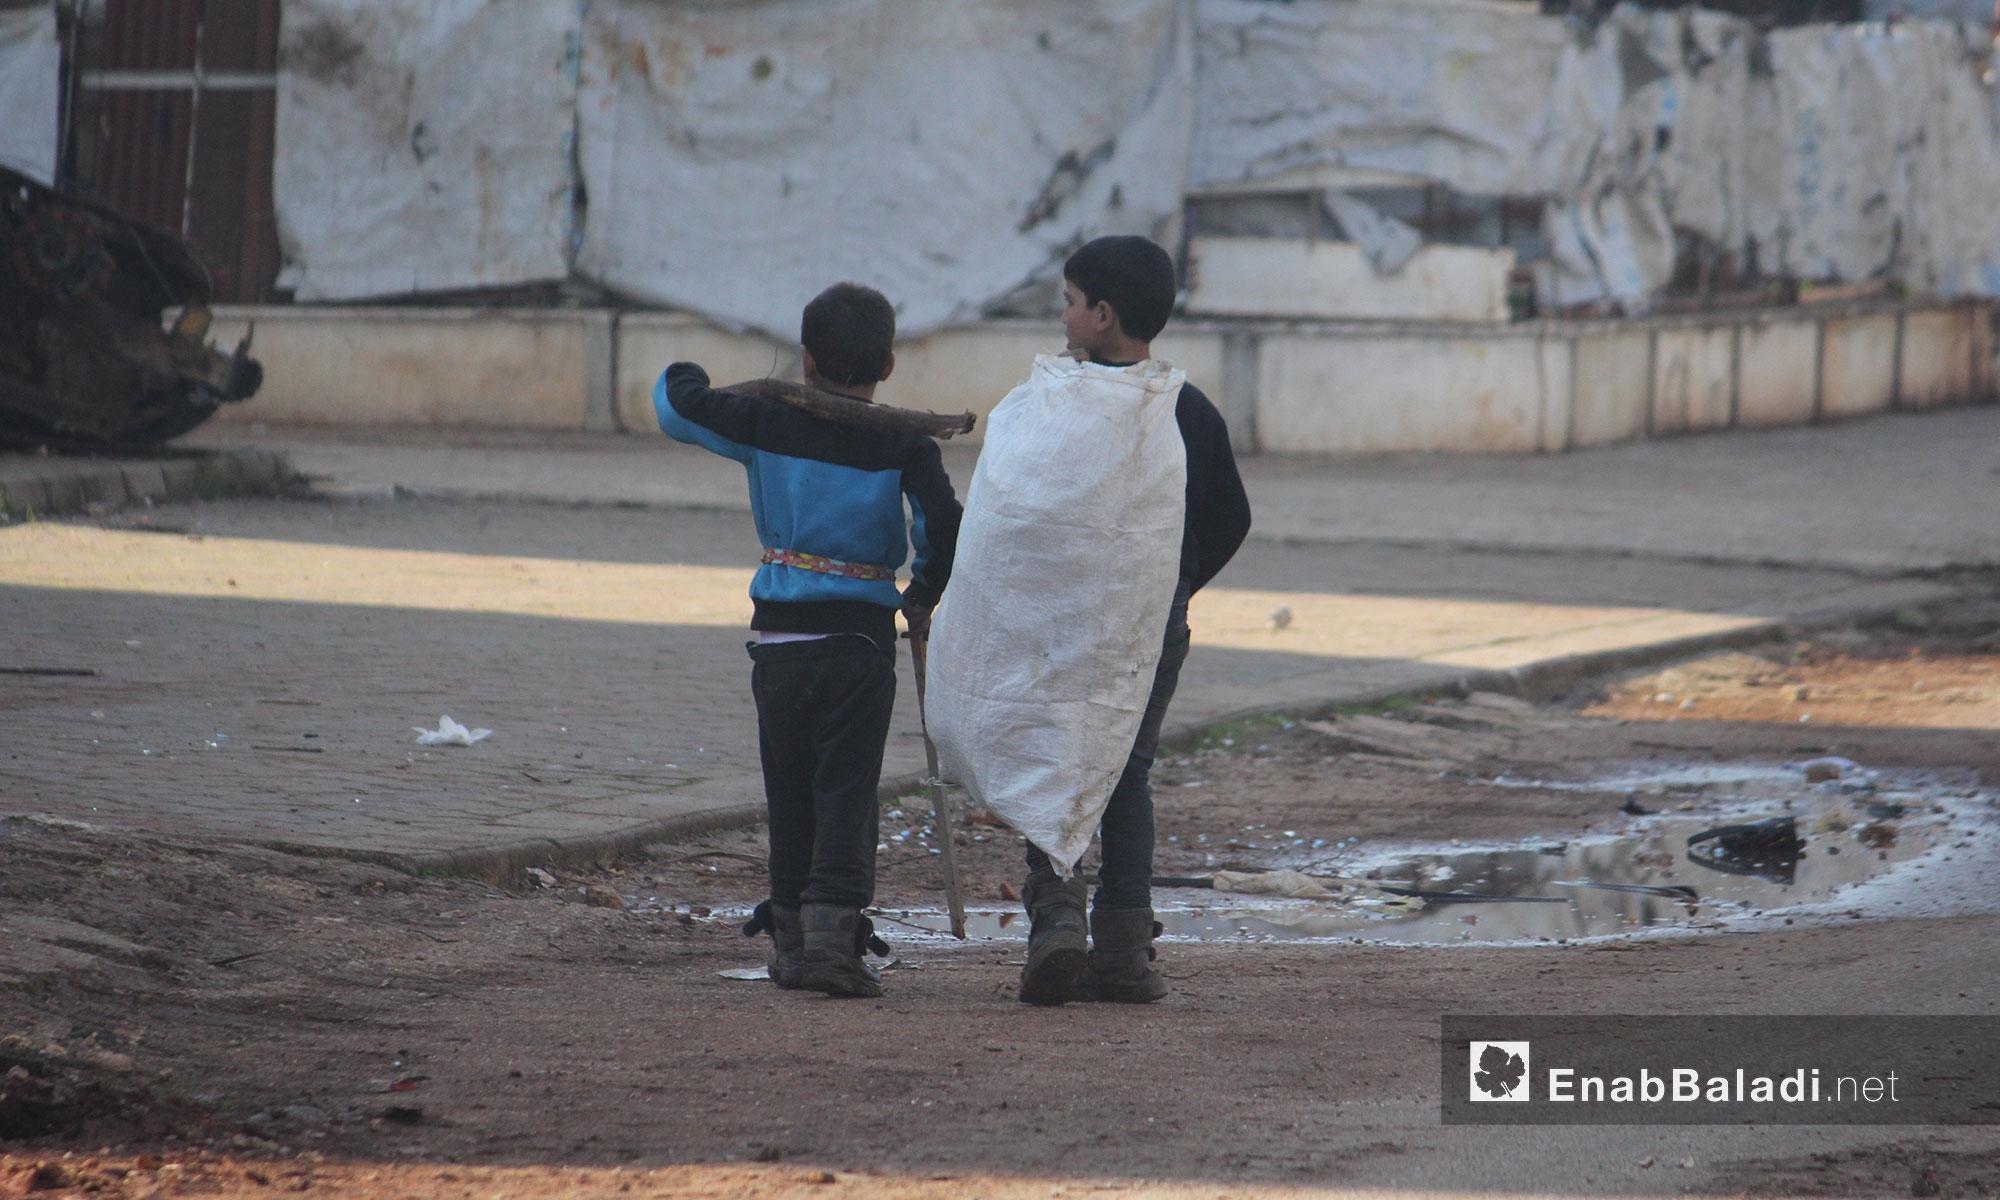 طفلان في طريقهما إلى عملهما في حي الوعر بمدينة حمص - 21 كانون الثاني 2017 (عنب بلدي)